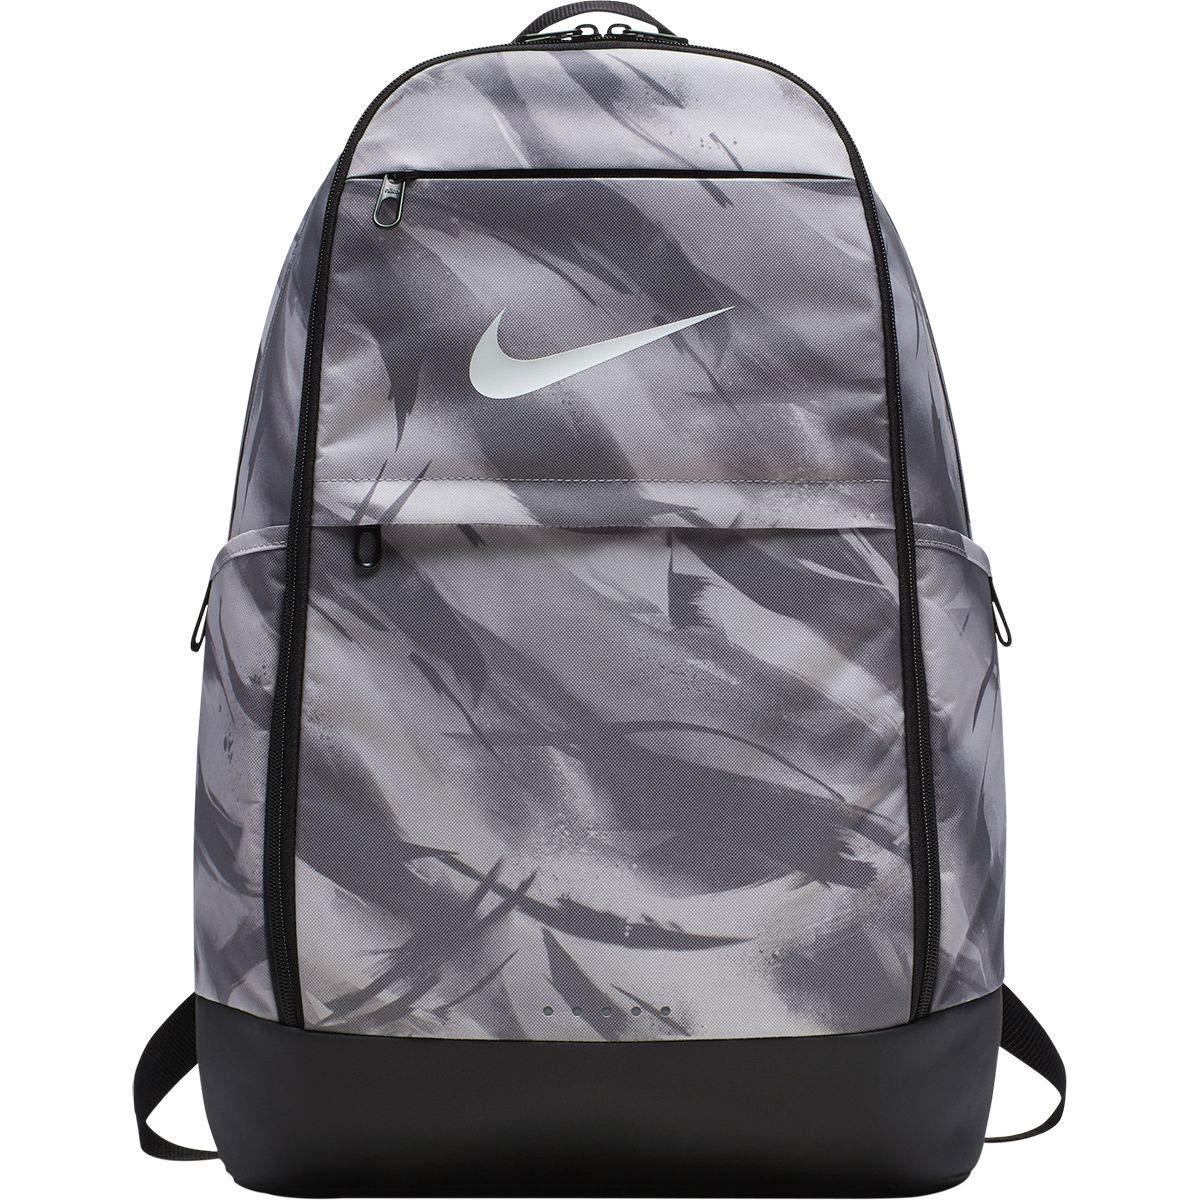 [ナイキ] メンズ バックパックリュックサック Brasilia XL Backpack [並行輸入品] B07P3ZV41P  No-Size